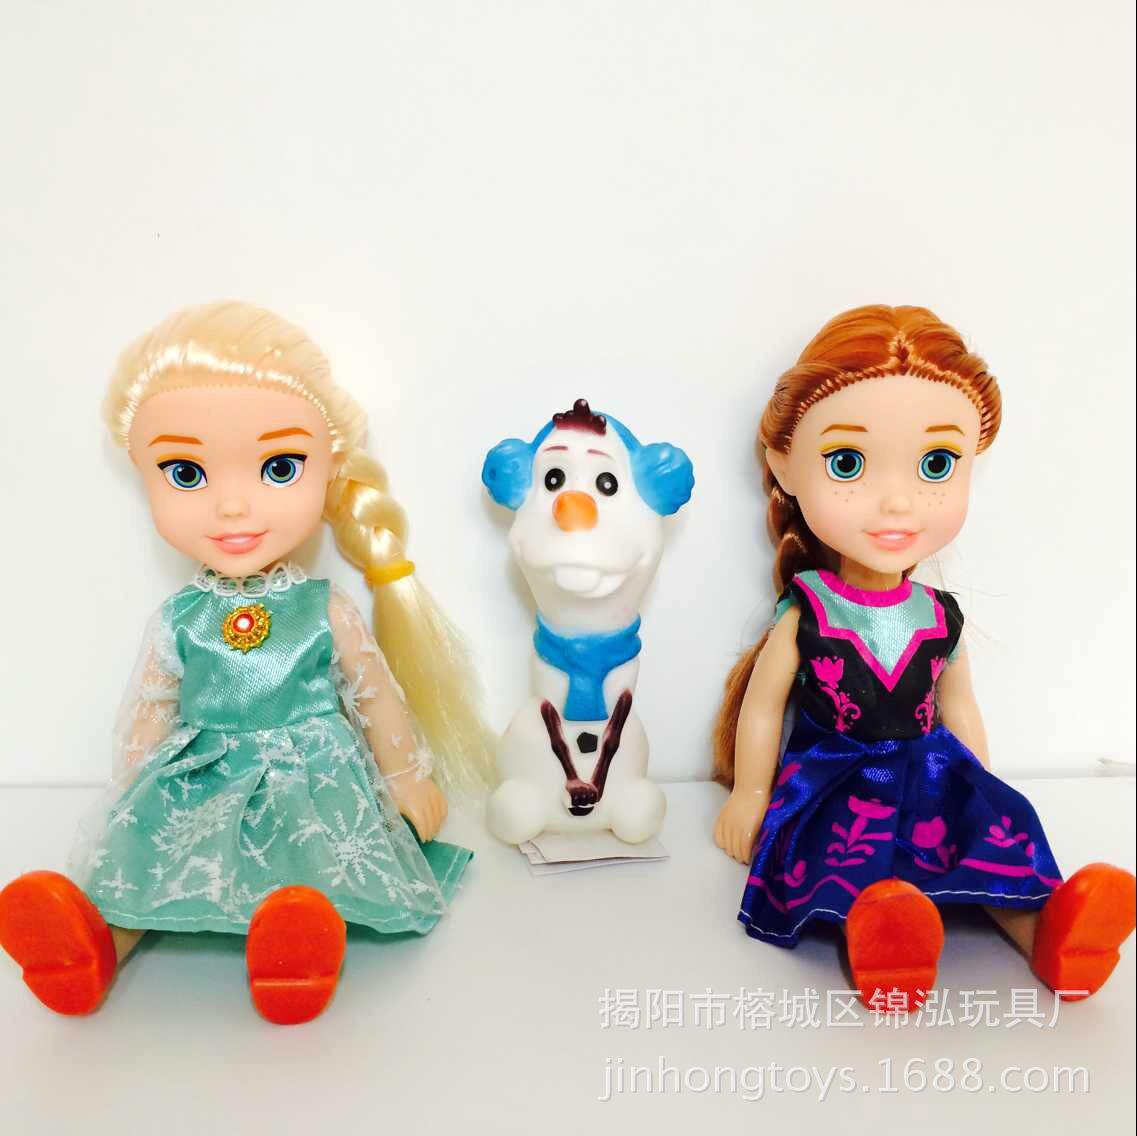 芭比娃娃 冰雪奇缘大冒险 冰雪公主娃娃 安娜艾莎套装 速卖通爆款